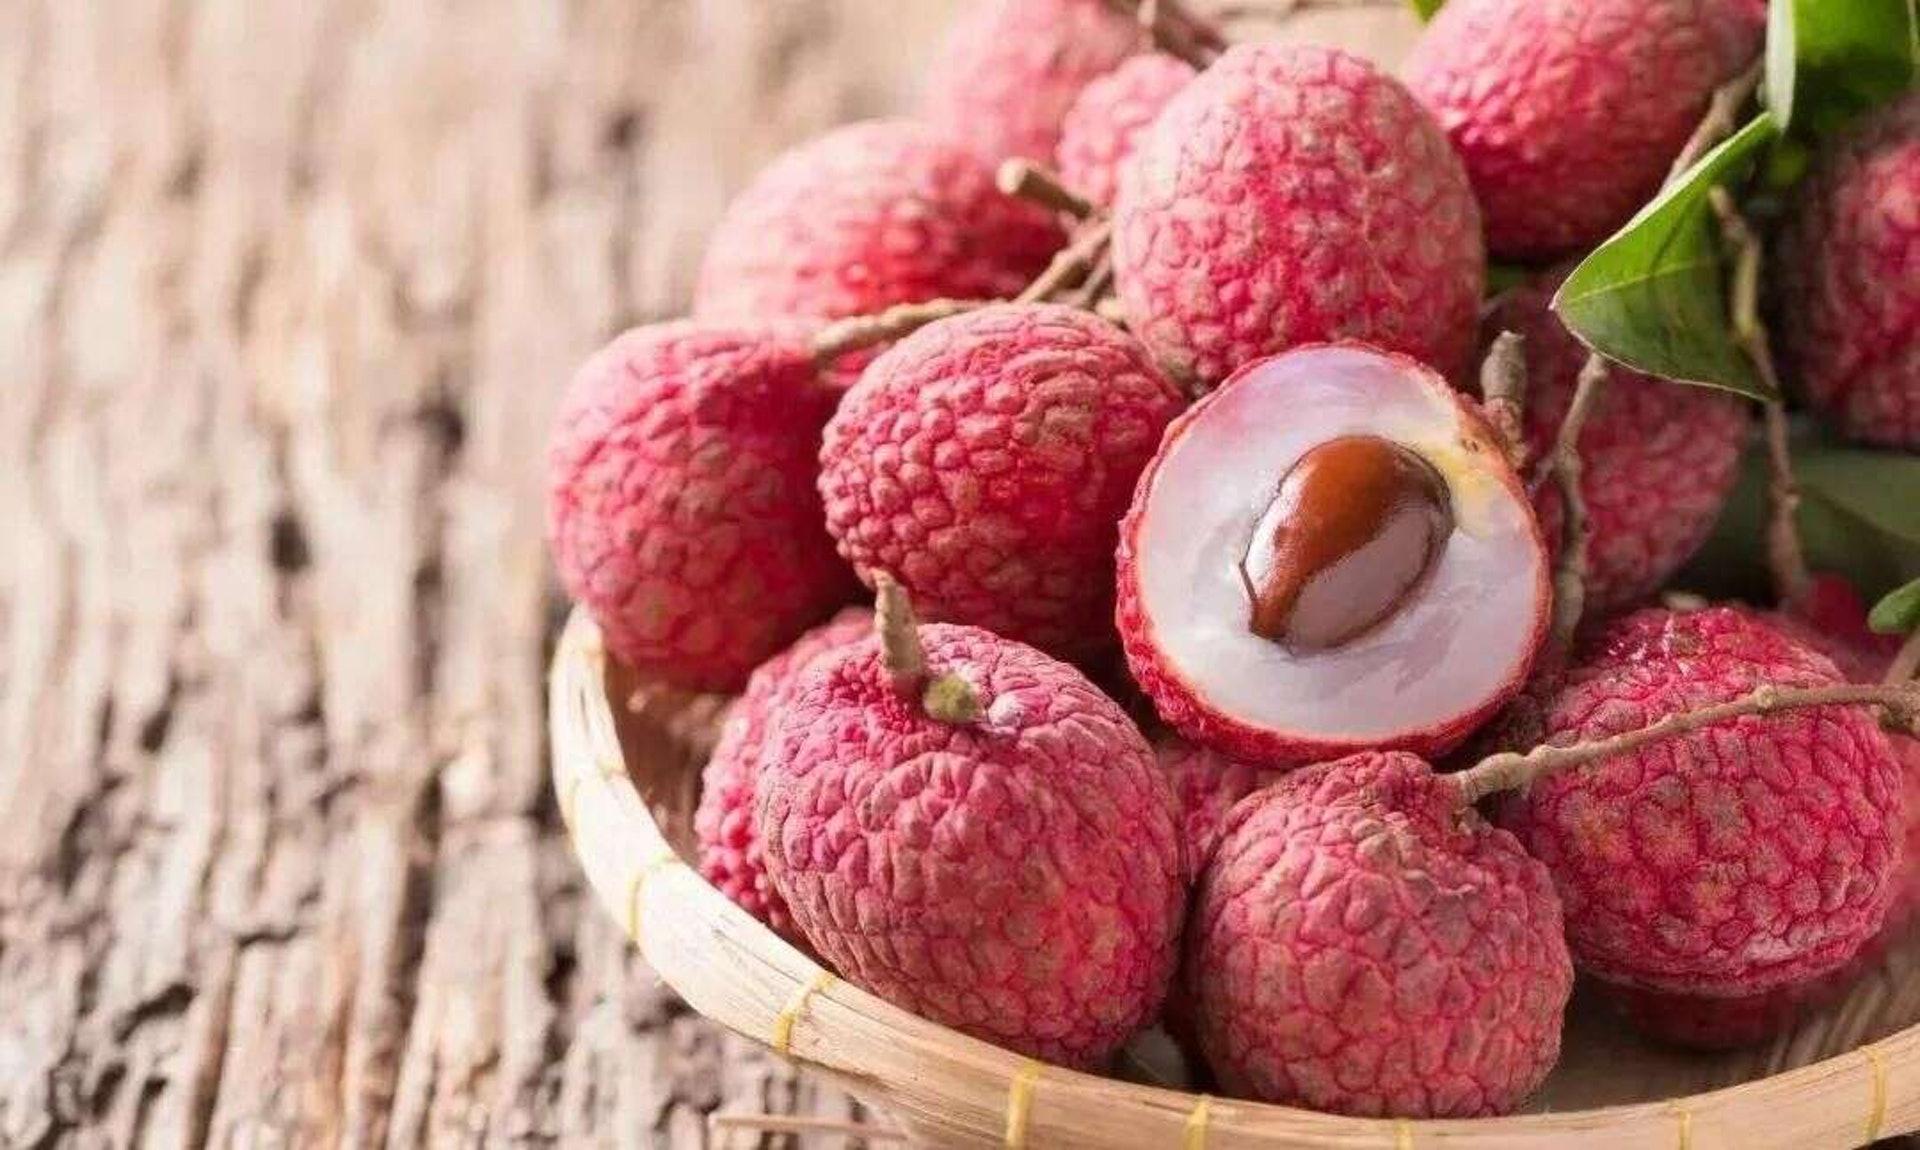 荔枝可促進食慾,而且有補心安神、開胃益脾、補腦健身的功效。但俗語說「一粒荔枝三把火」,吃過多會上火。(圖片:nanmuxuan)